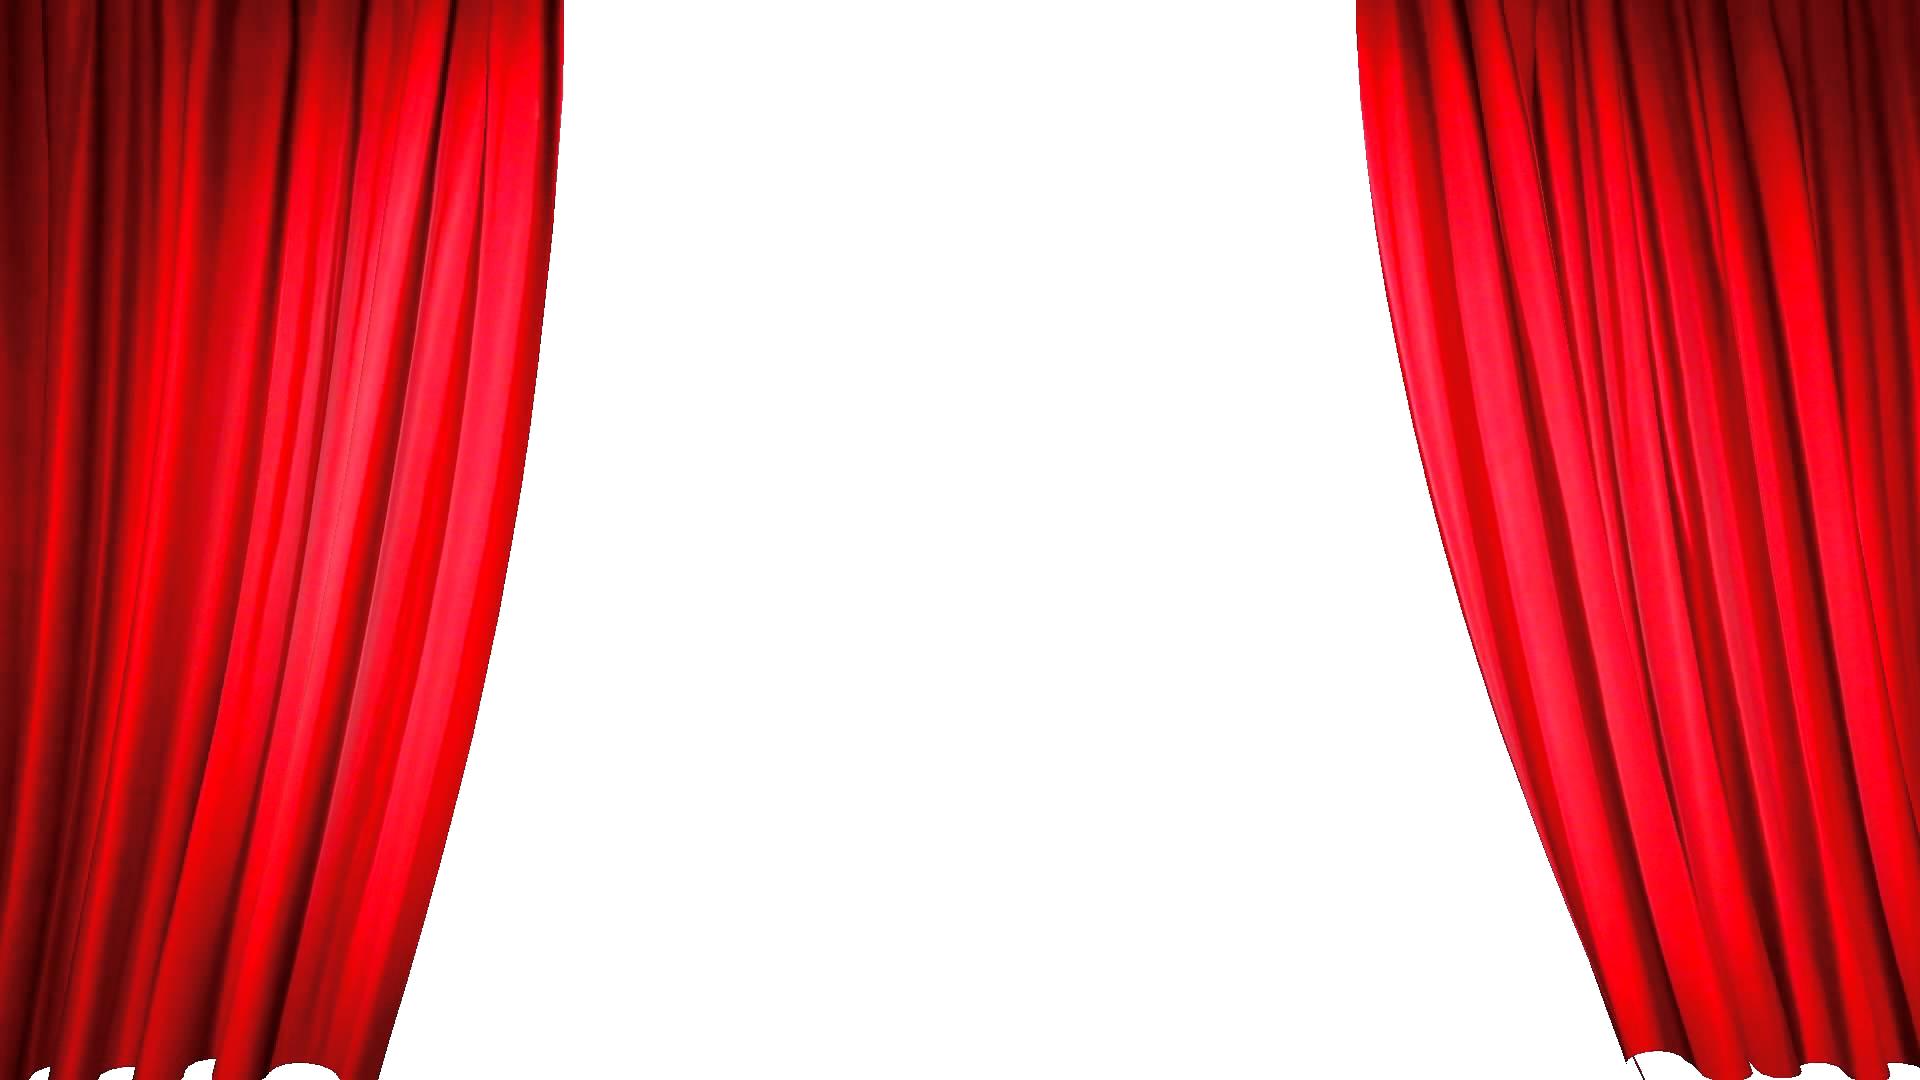 Curtains Png Image Red Curtains Curtains Curtain Texture